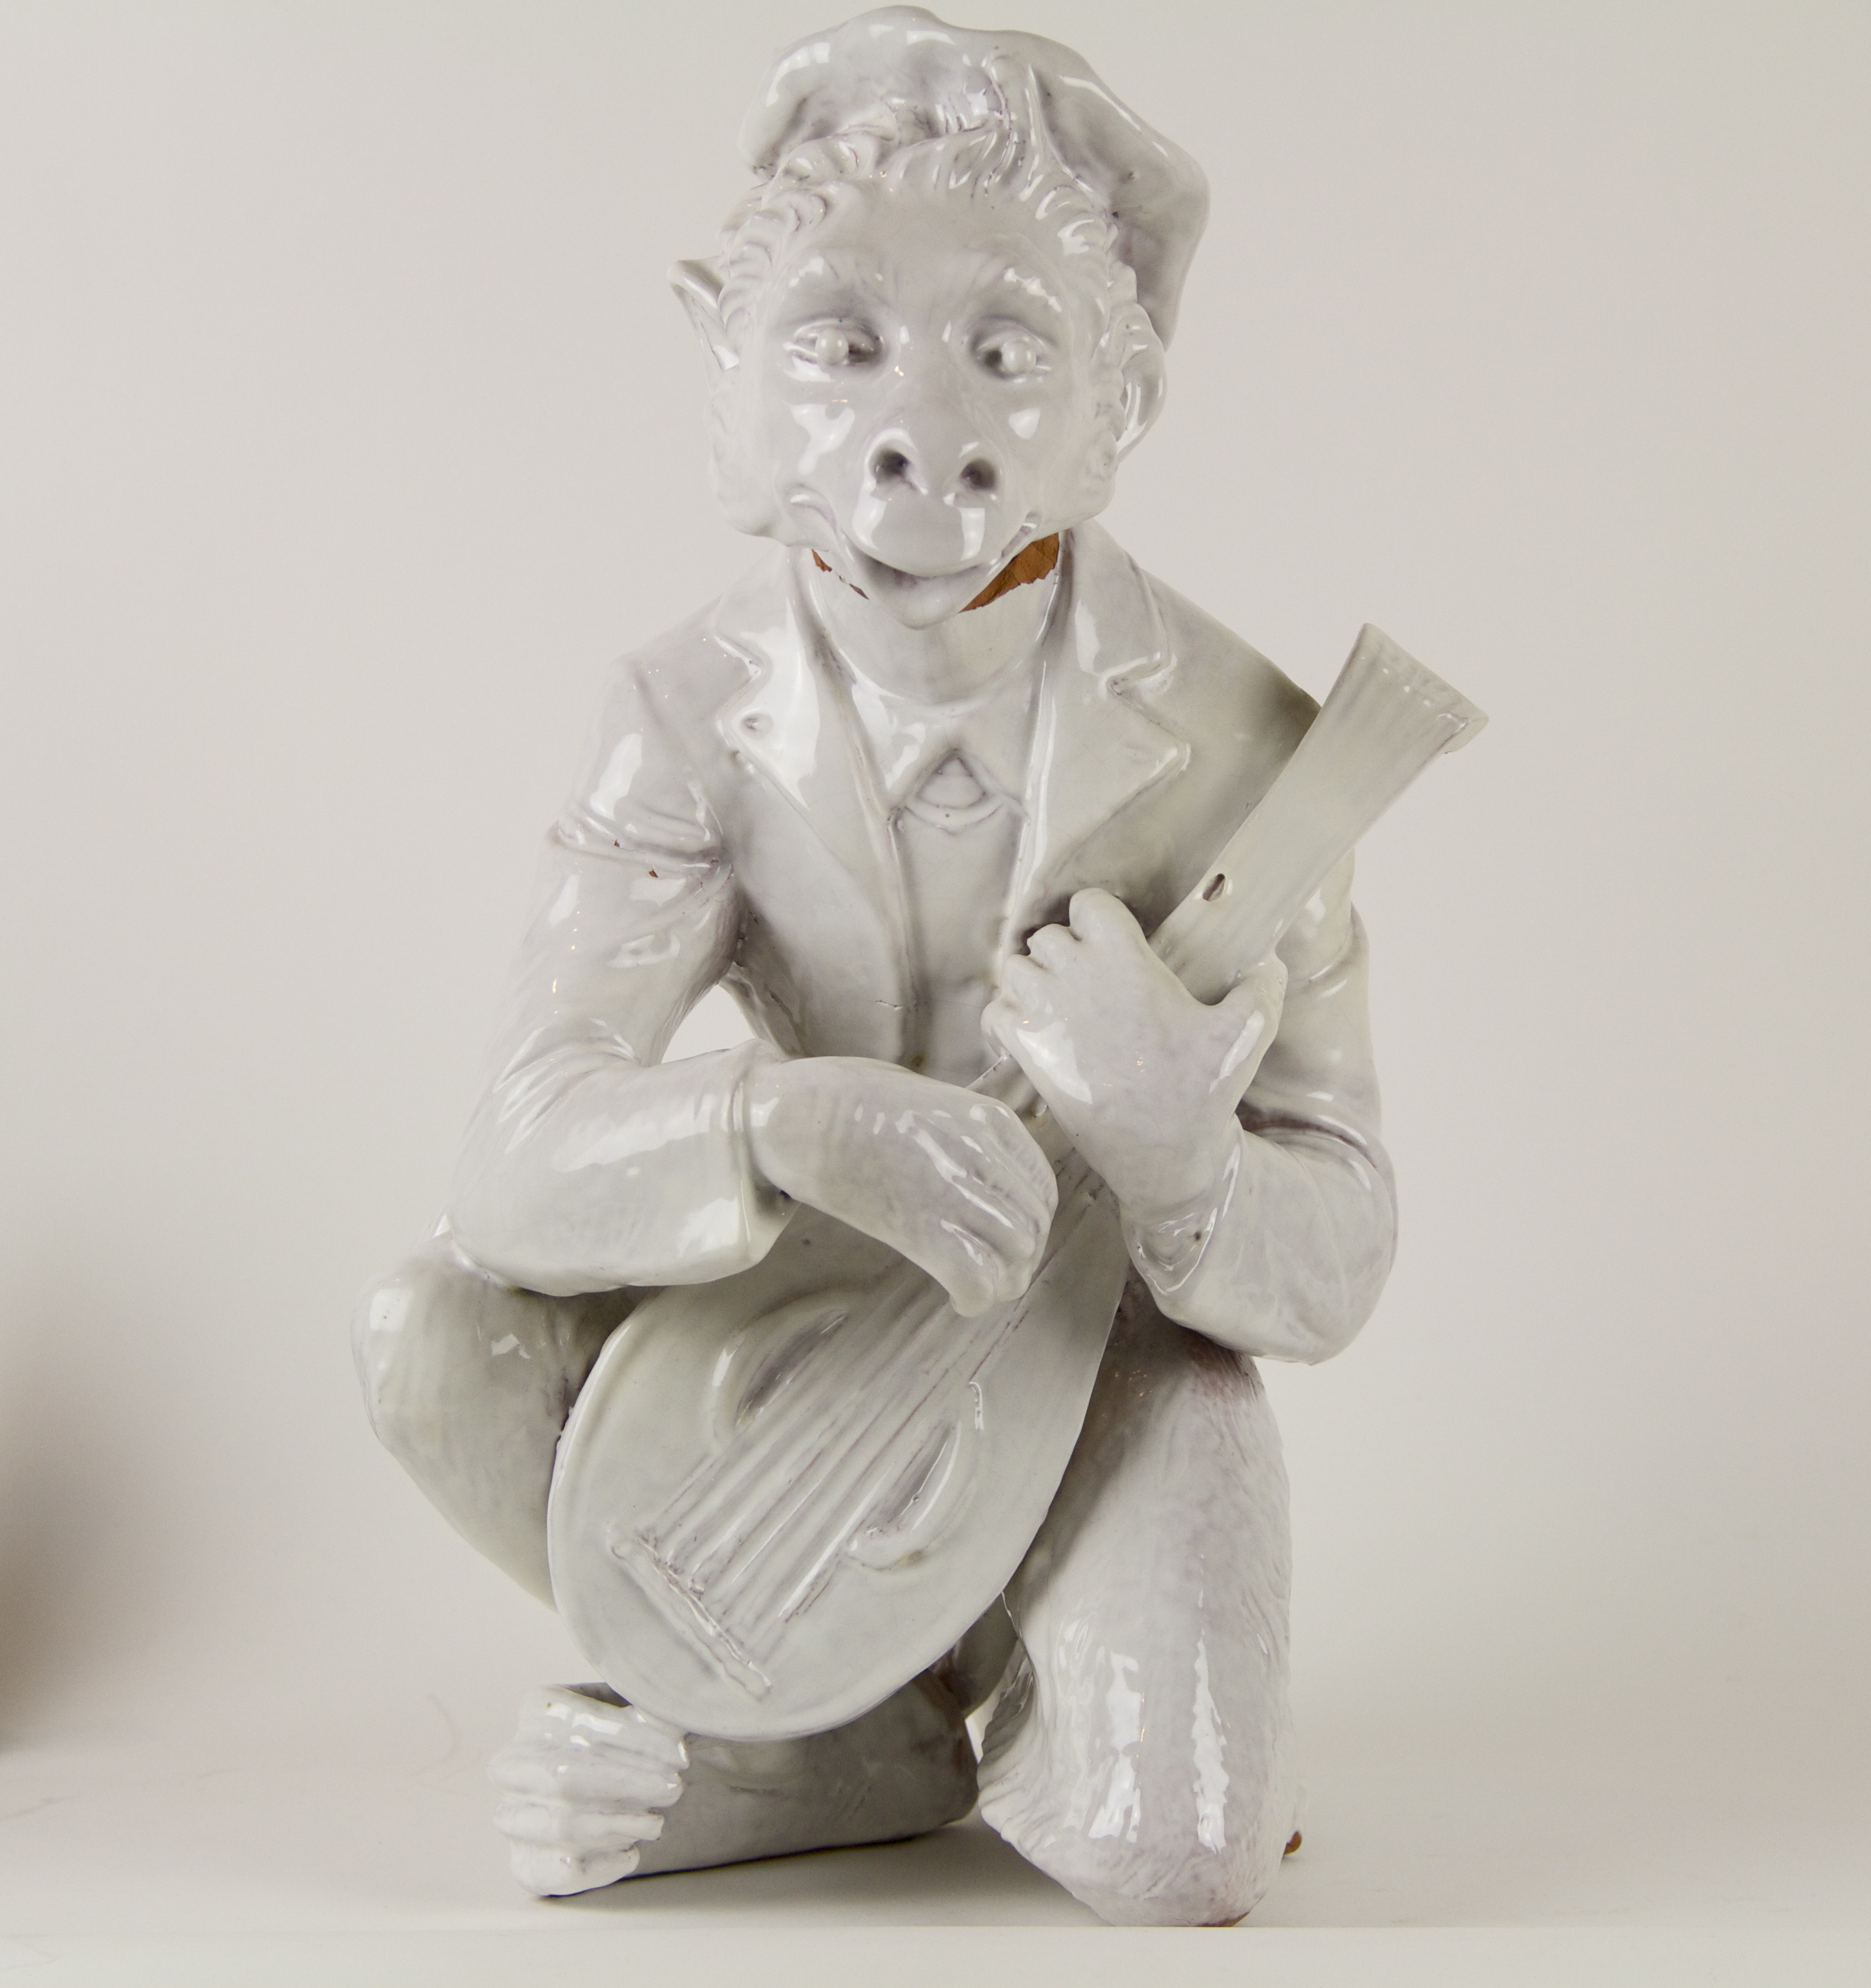 Decorative Ceramic Sculpture